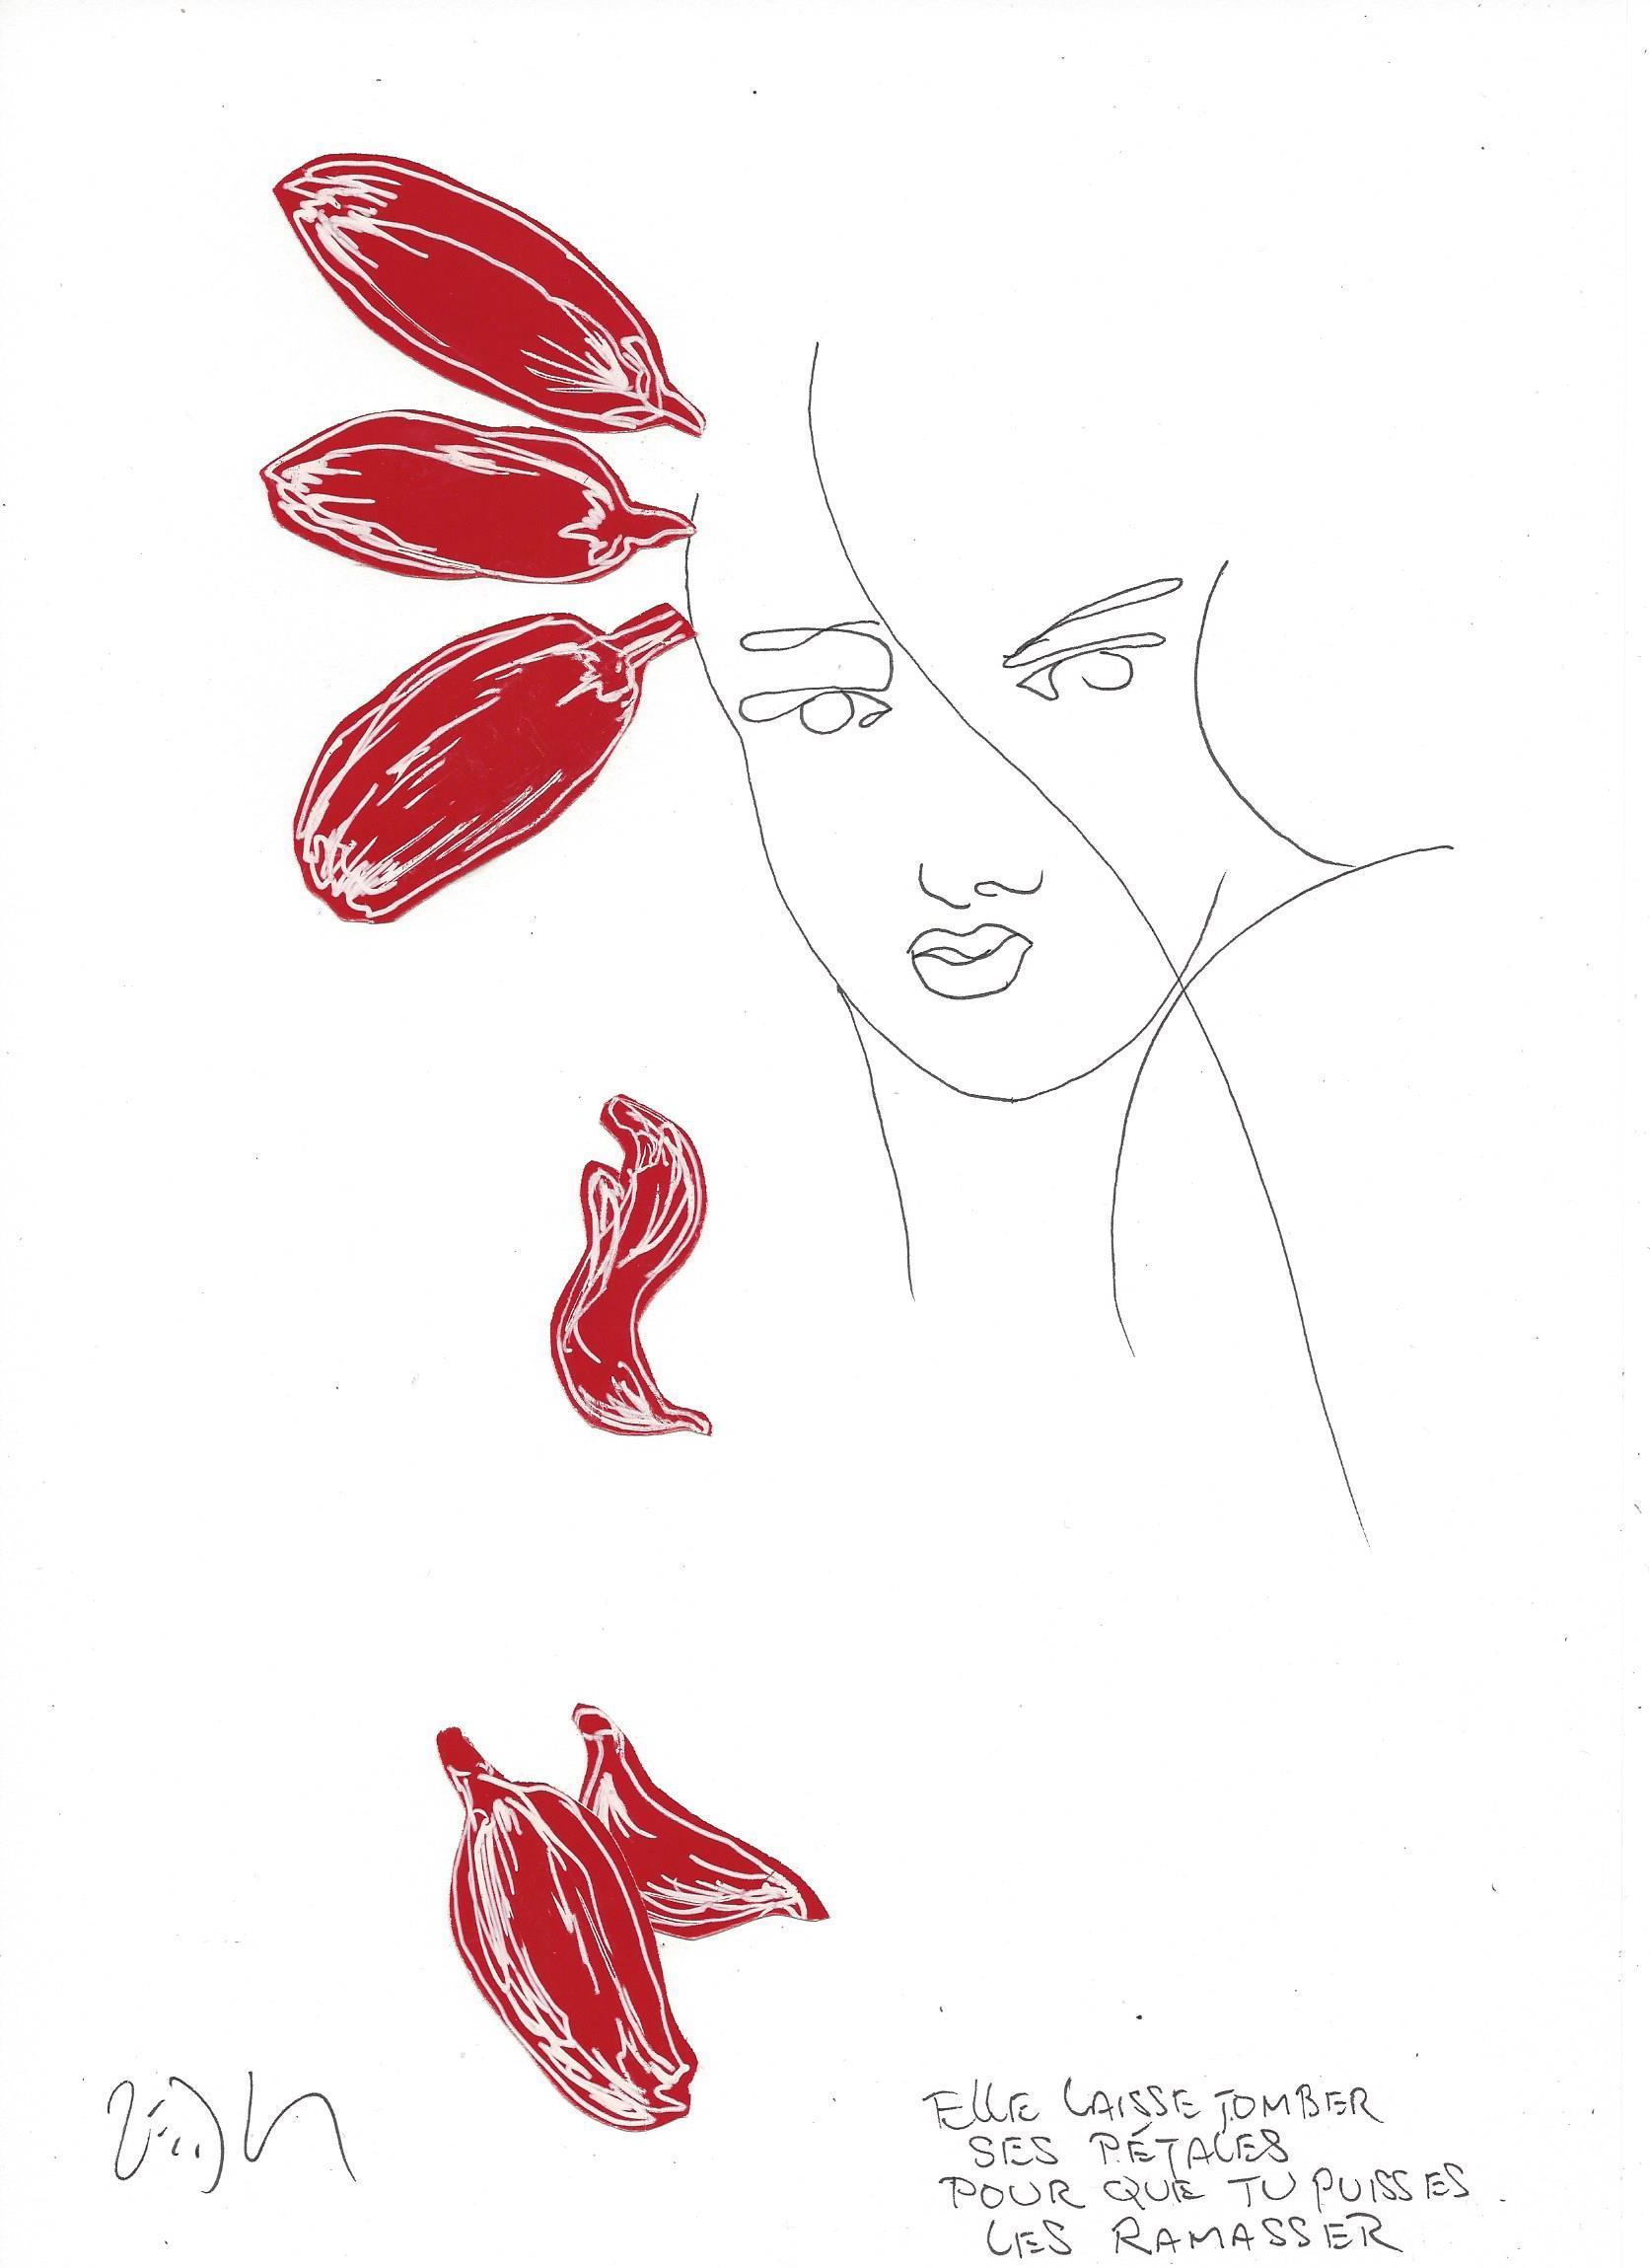 « She drops her petals just so he can pick them up – Elle laisse tomber ses pétales pour que tu puisses les ramasser »